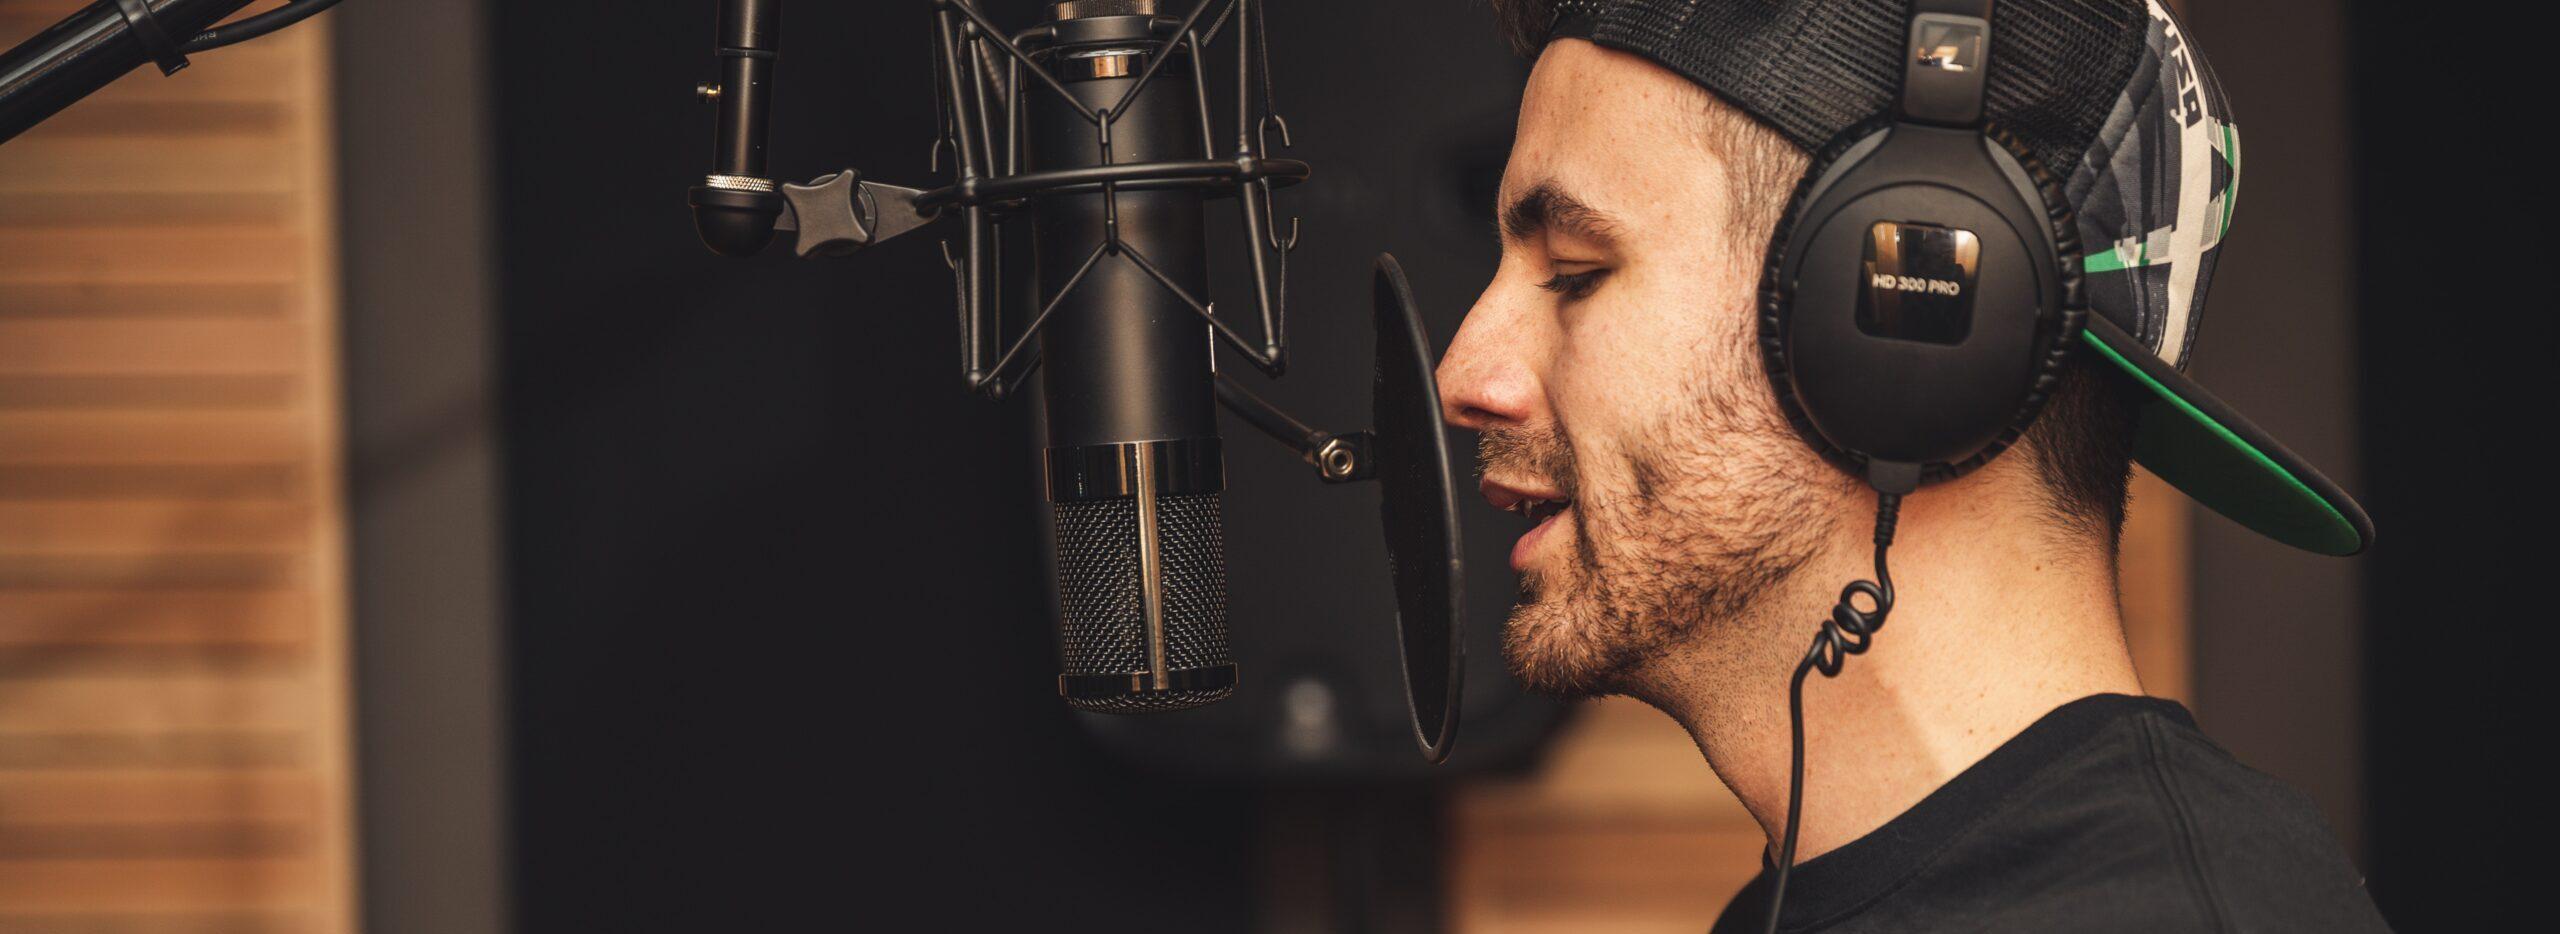 SoundTribe Napoli